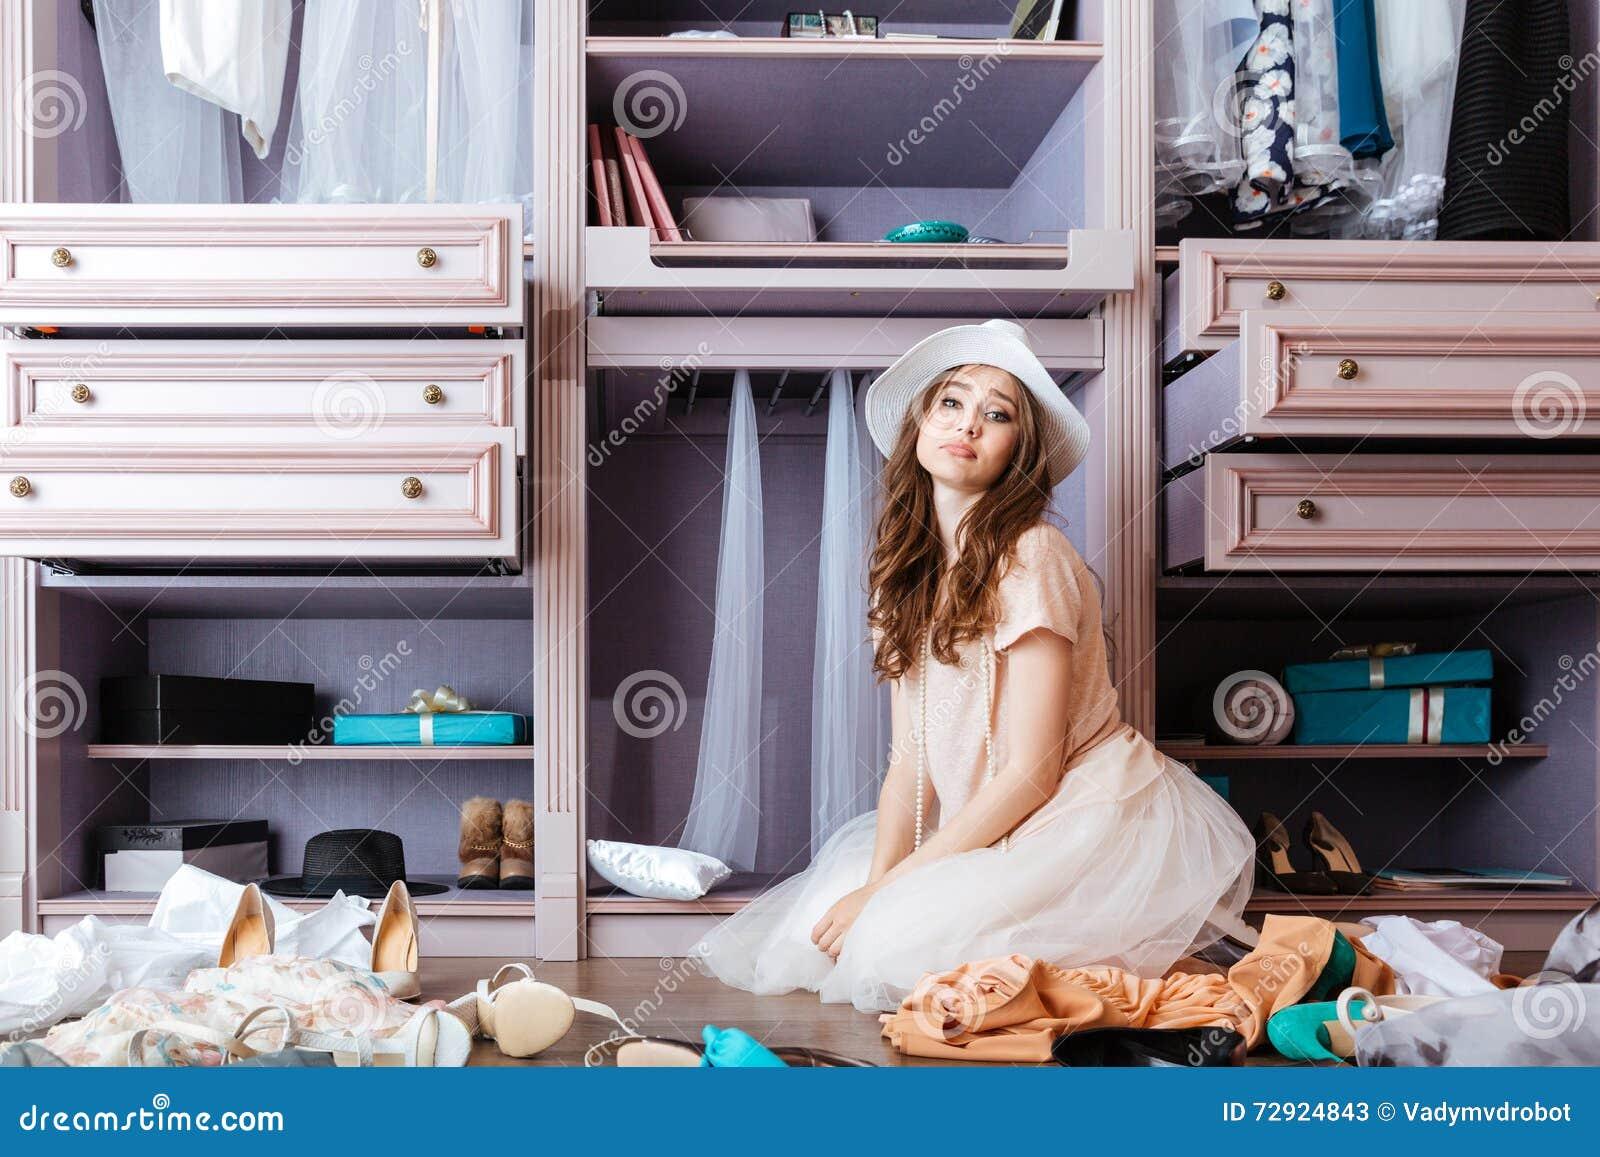 0a035c6820d1 Giovane bella ragazza pensierosa che sceglie i vestiti nel suo guardaroba